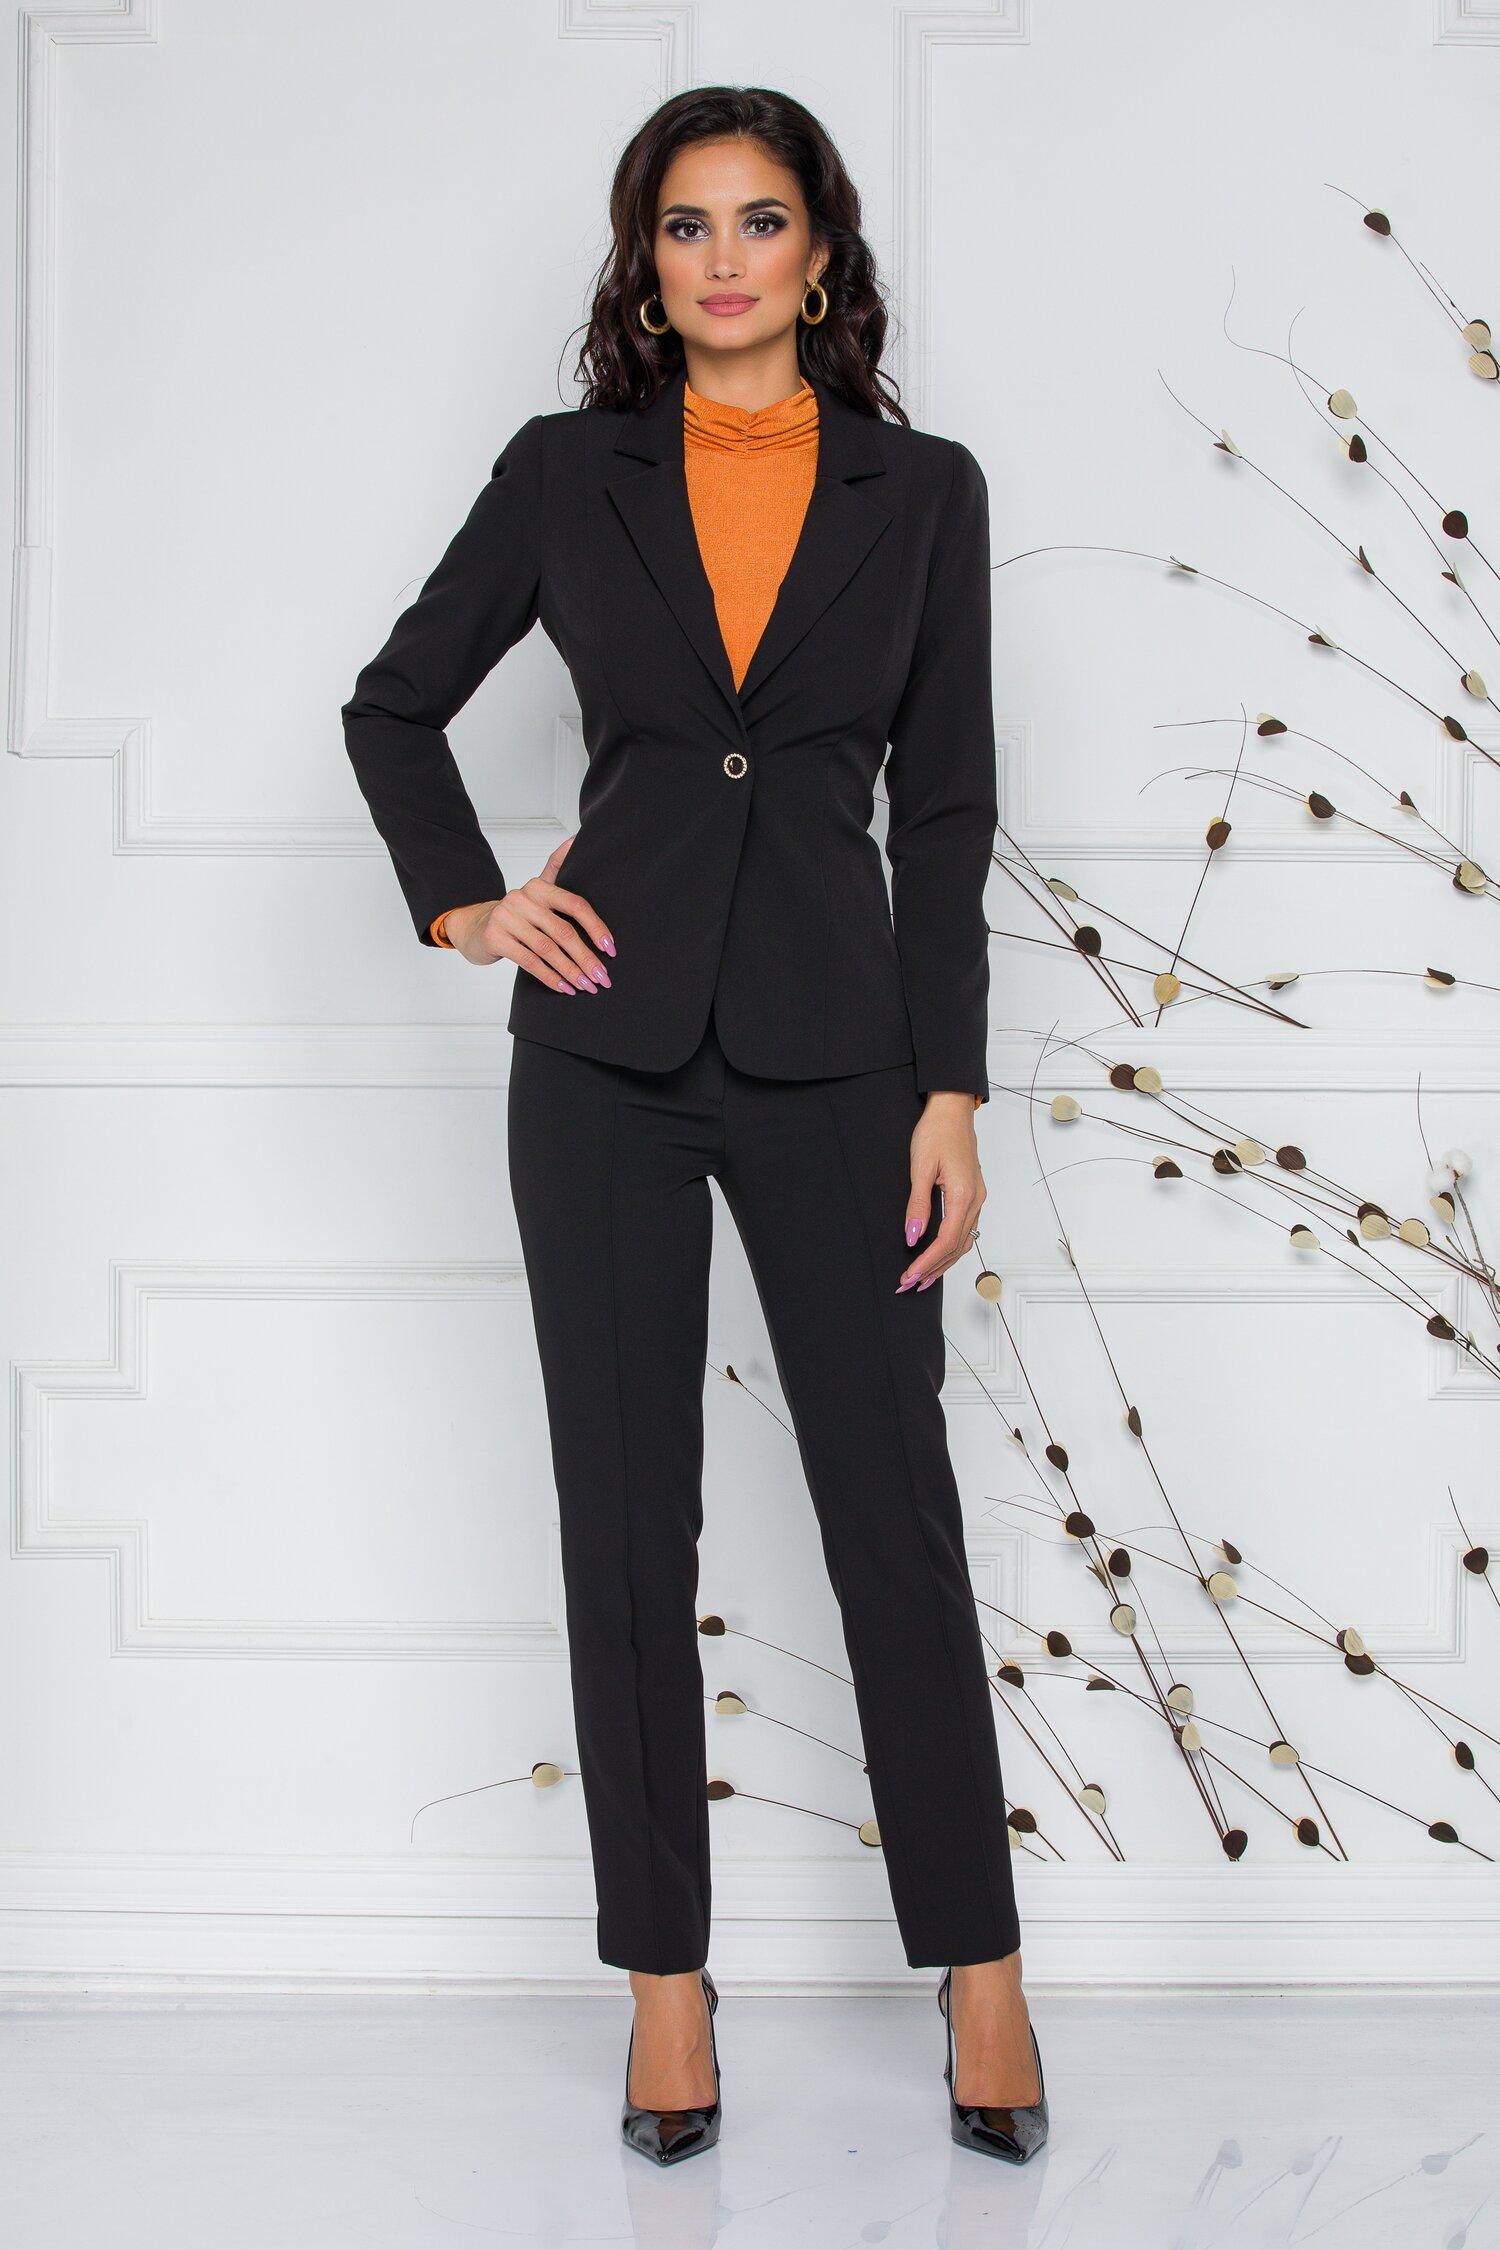 Compleu Ginette negru elegant cu sacou si pantaloni imagine